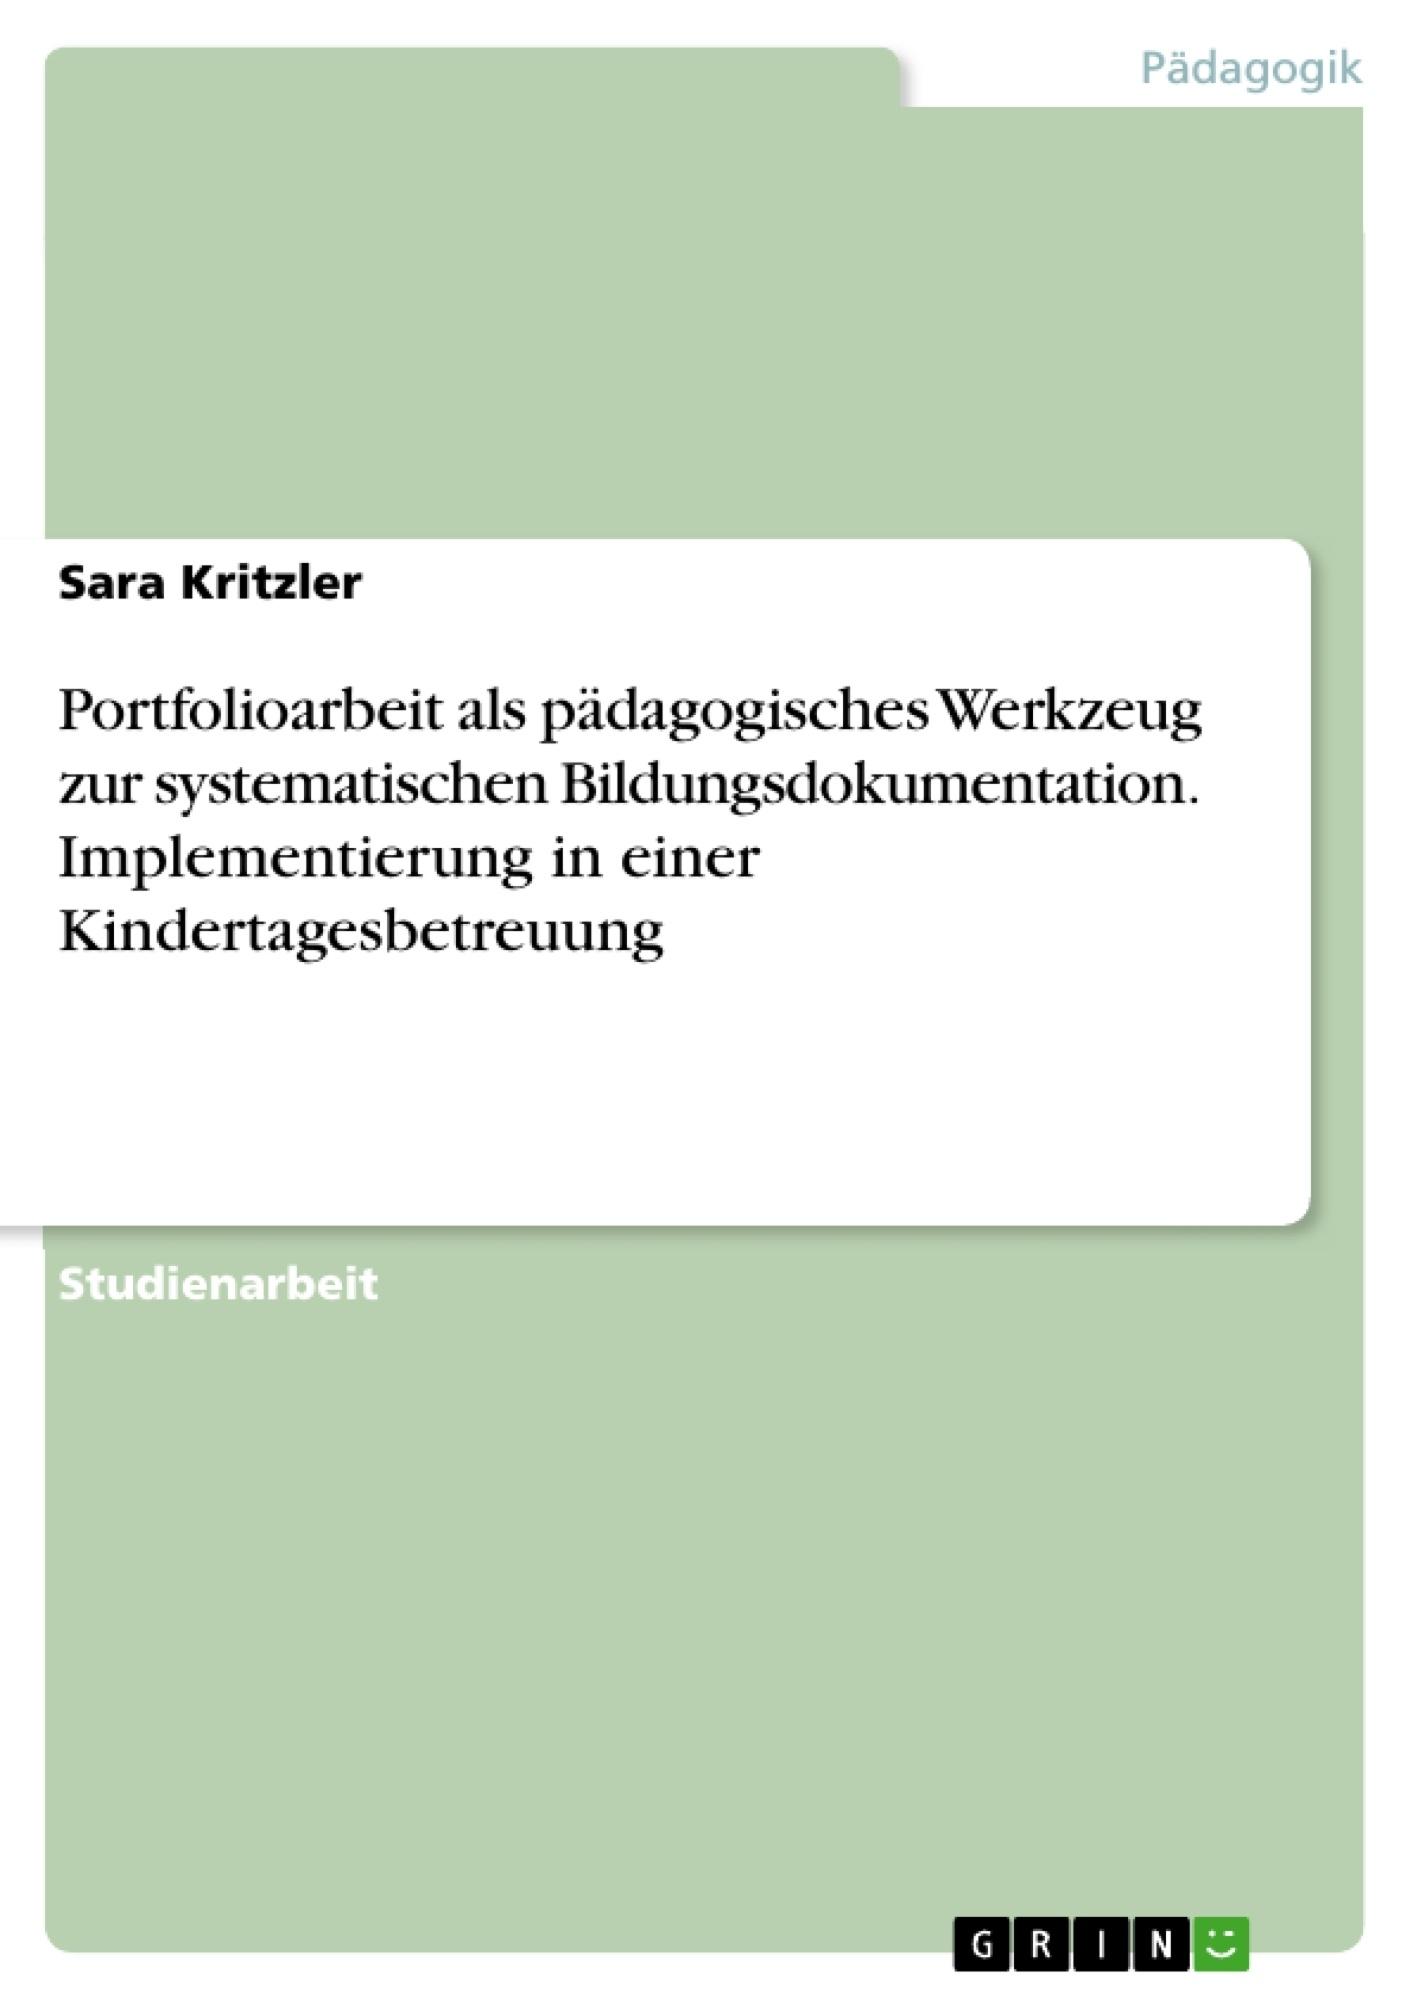 Titel: Portfolioarbeit als pädagogisches Werkzeug zur systematischen Bildungsdokumentation. Implementierung in einer Kindertagesbetreuung